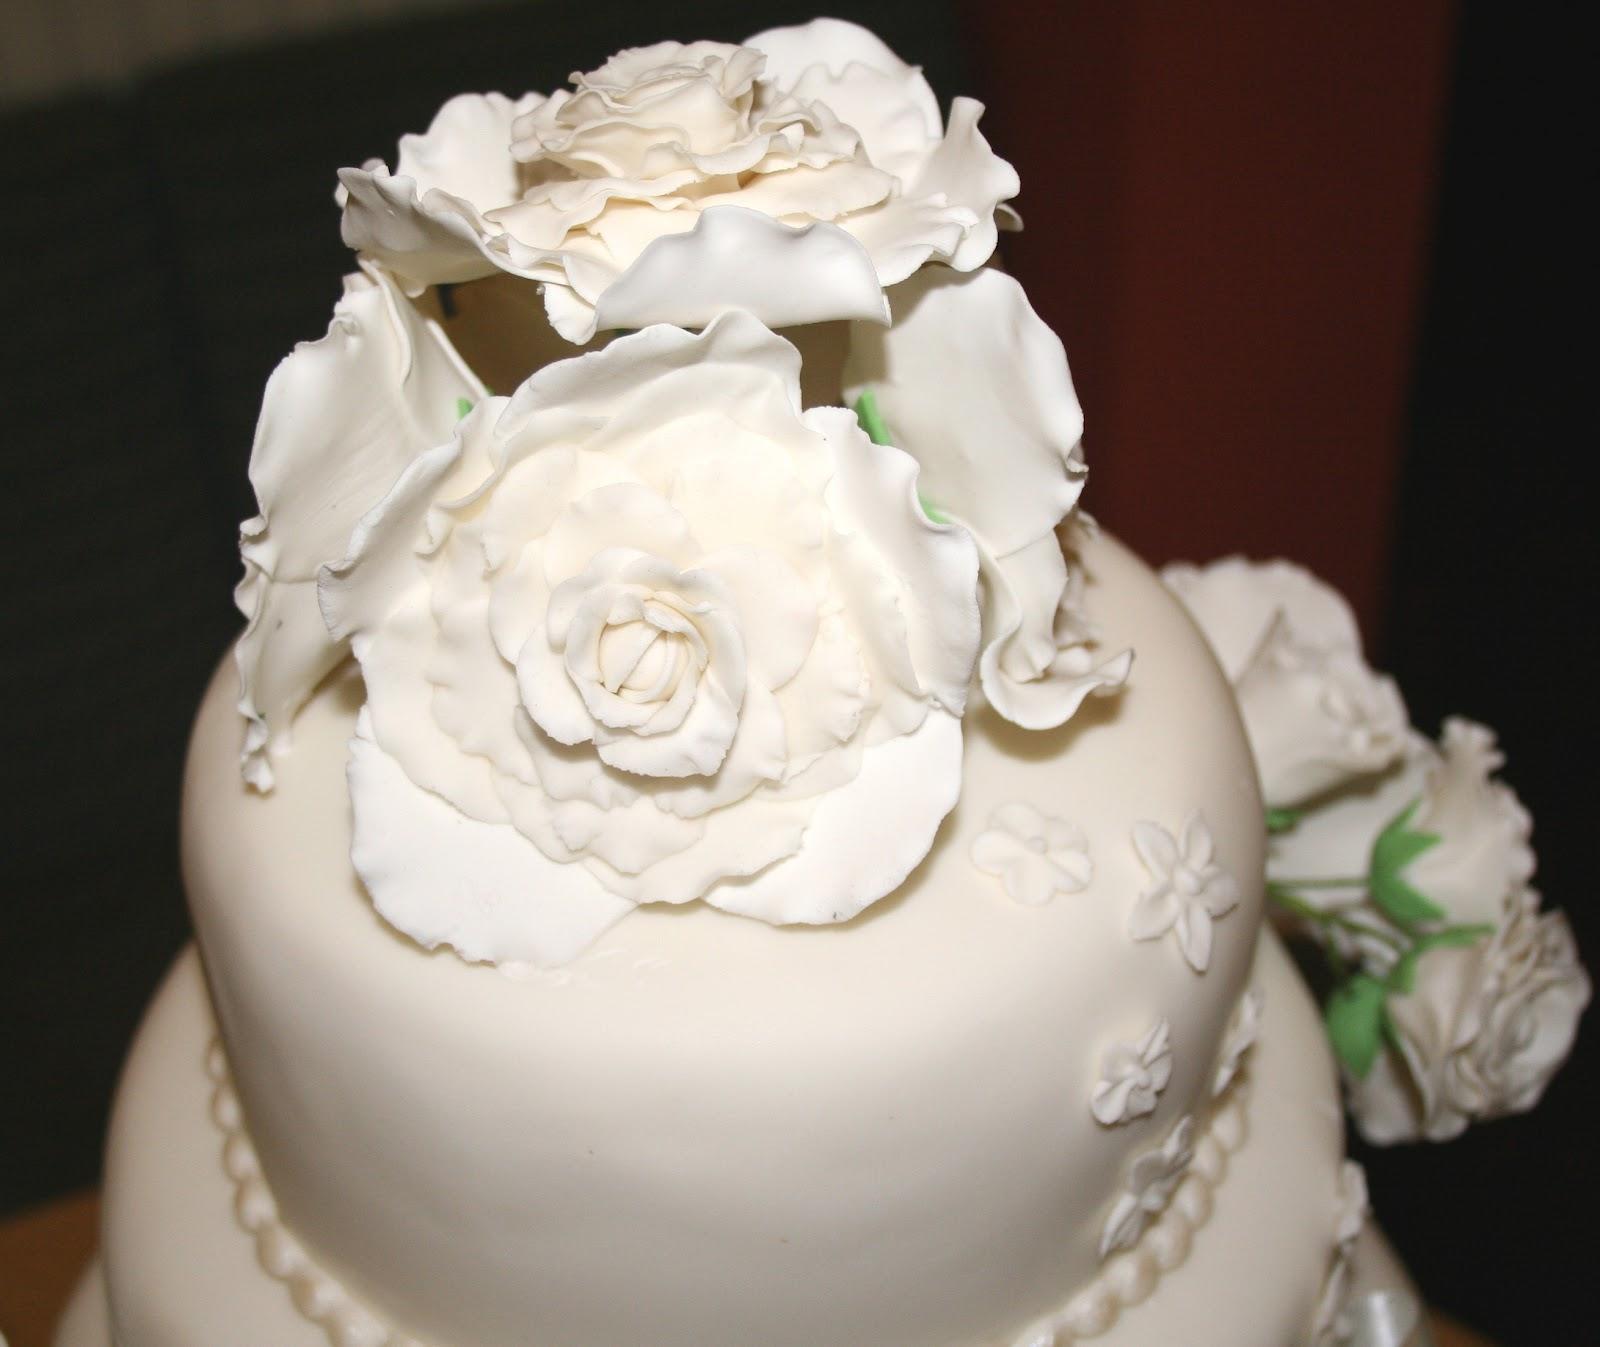 Rose Wedding Cake: Chintzy Cakes: Ivory Rose Wedding Cake